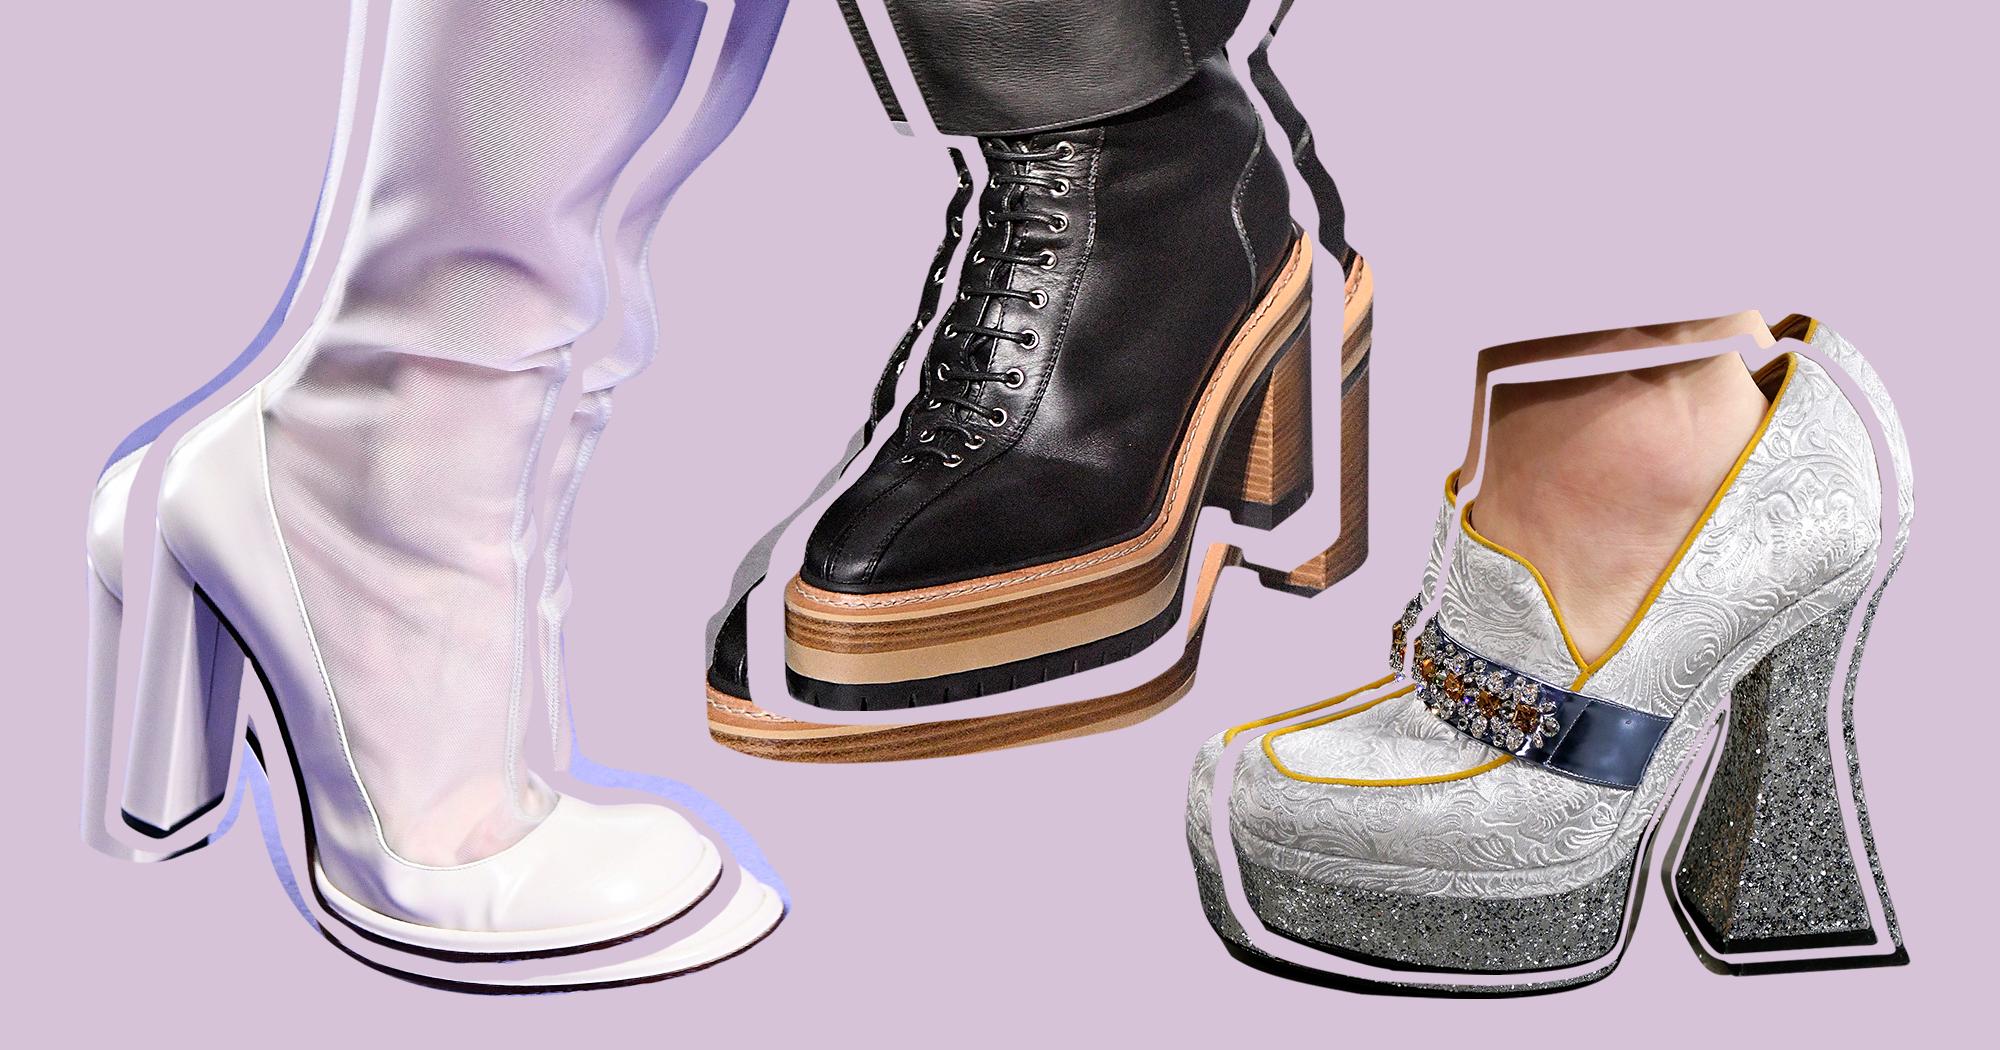 1e1537be552 Fall 2017 Heels Shoes Boots Trends Fluevog Kitten Heel